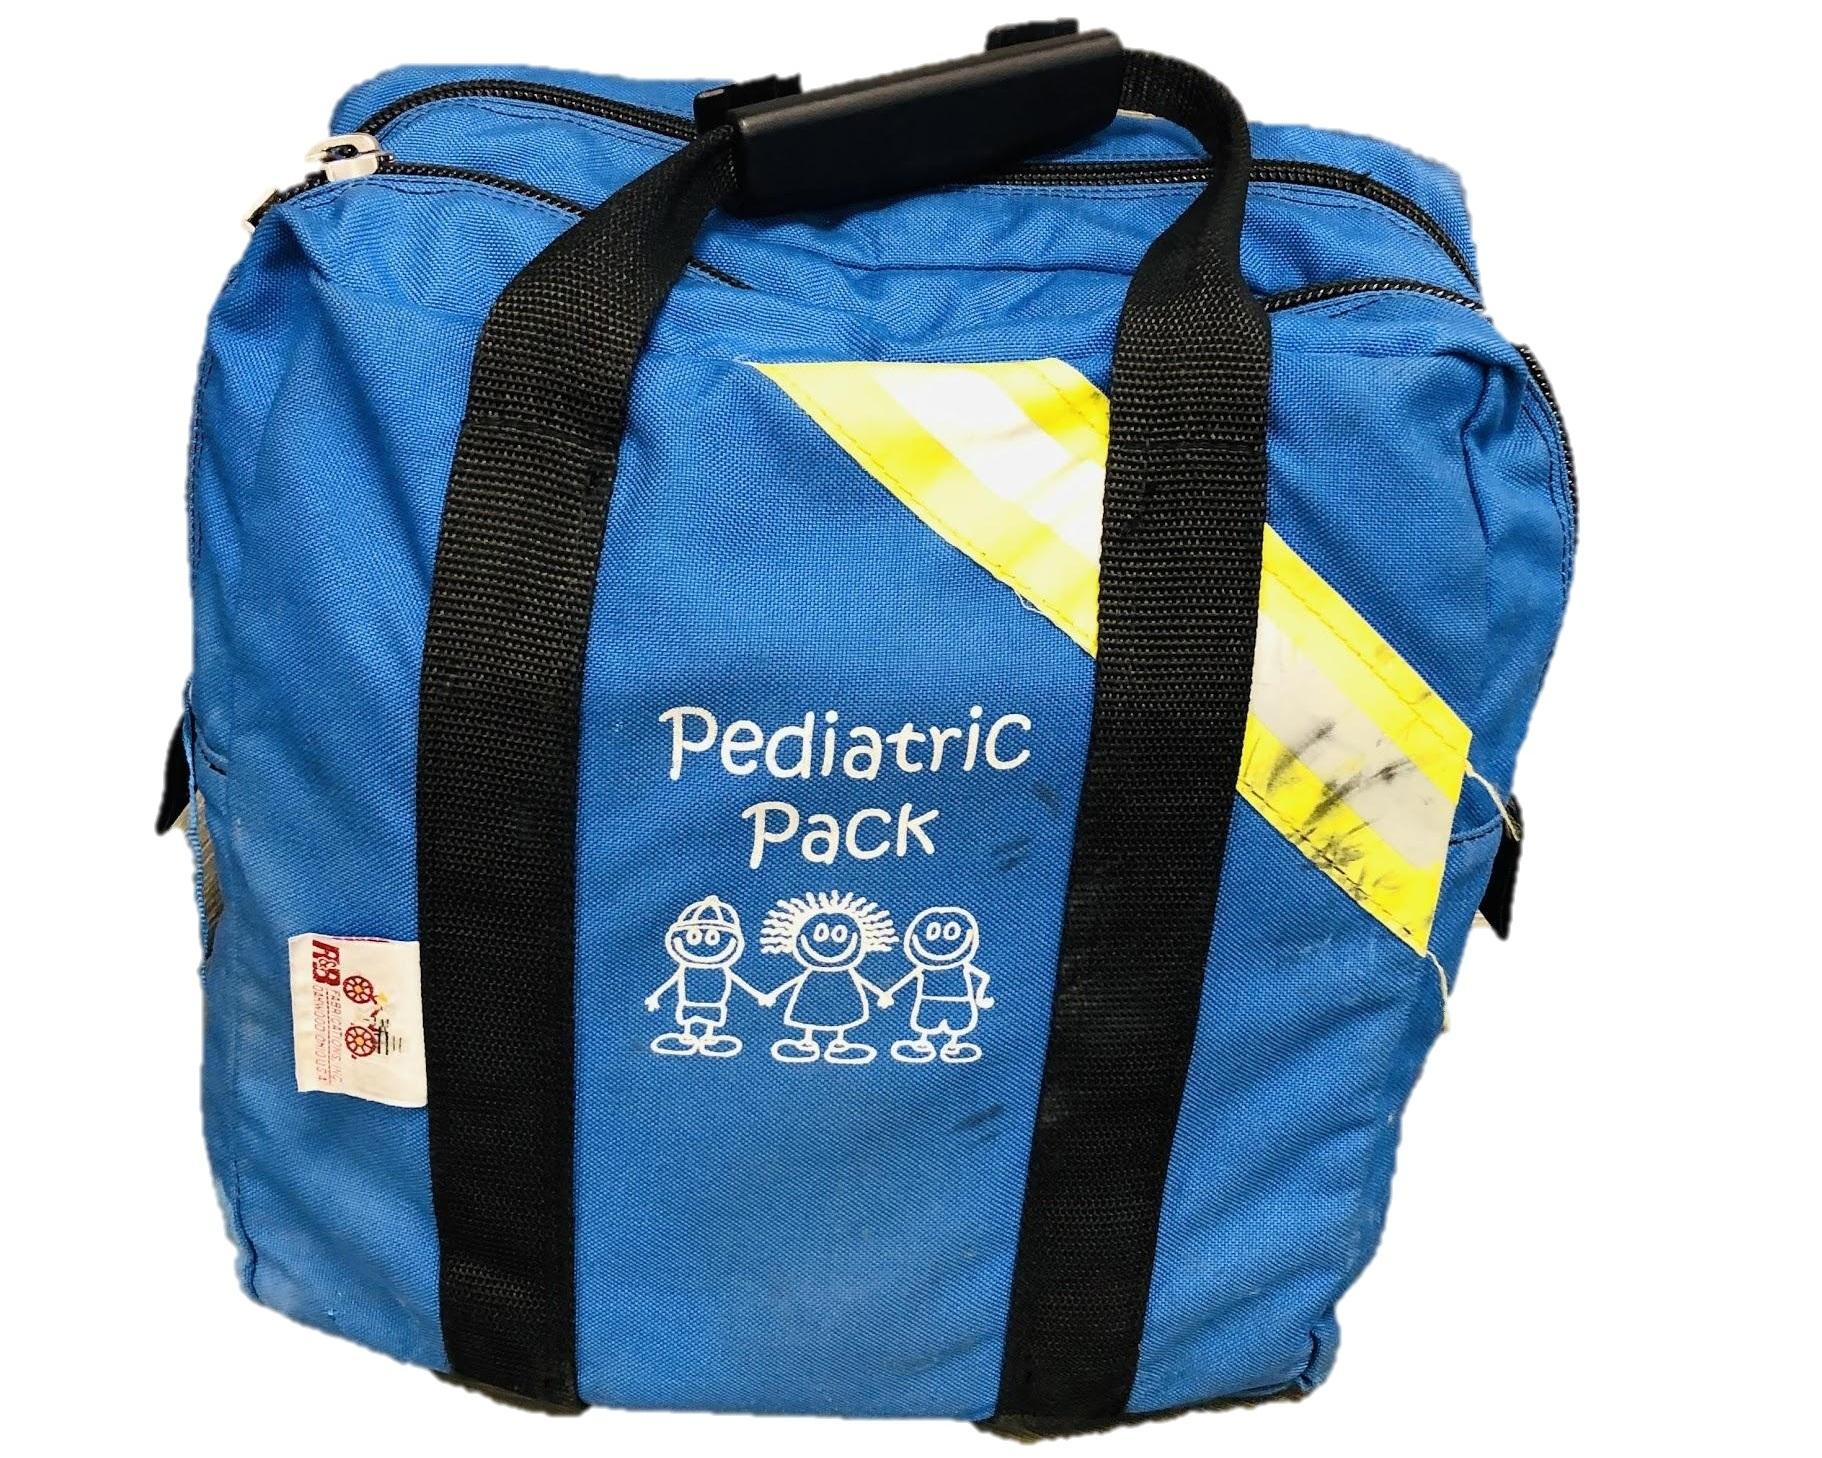 Air+Care+Series_Pediatric+Pack..jpg